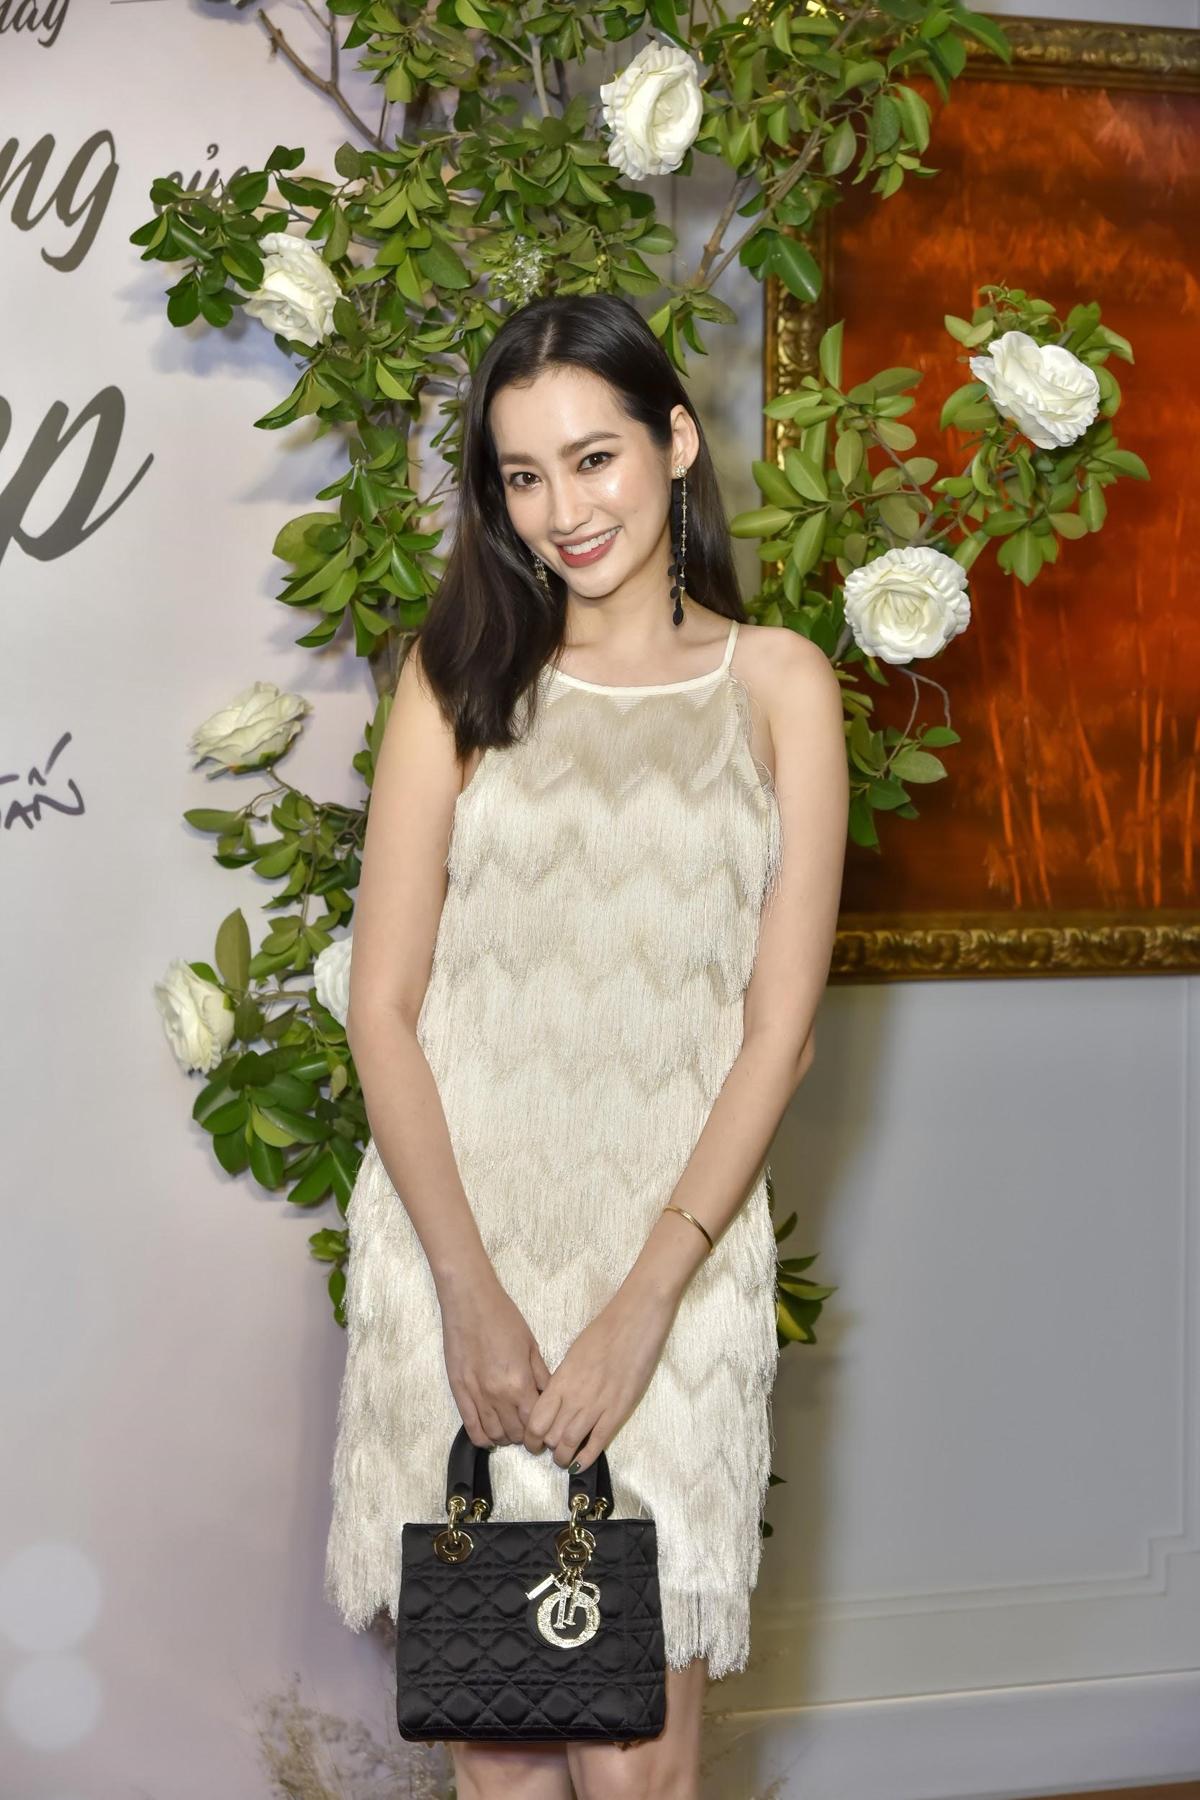 Hoa hậu Trương Tri Trúc Diễm tiết lộ biết tới Menard qua đạo diễn Long Kan và càng ngưỡng mộ những đóng góp của thương hiệu trong làm đẹp.